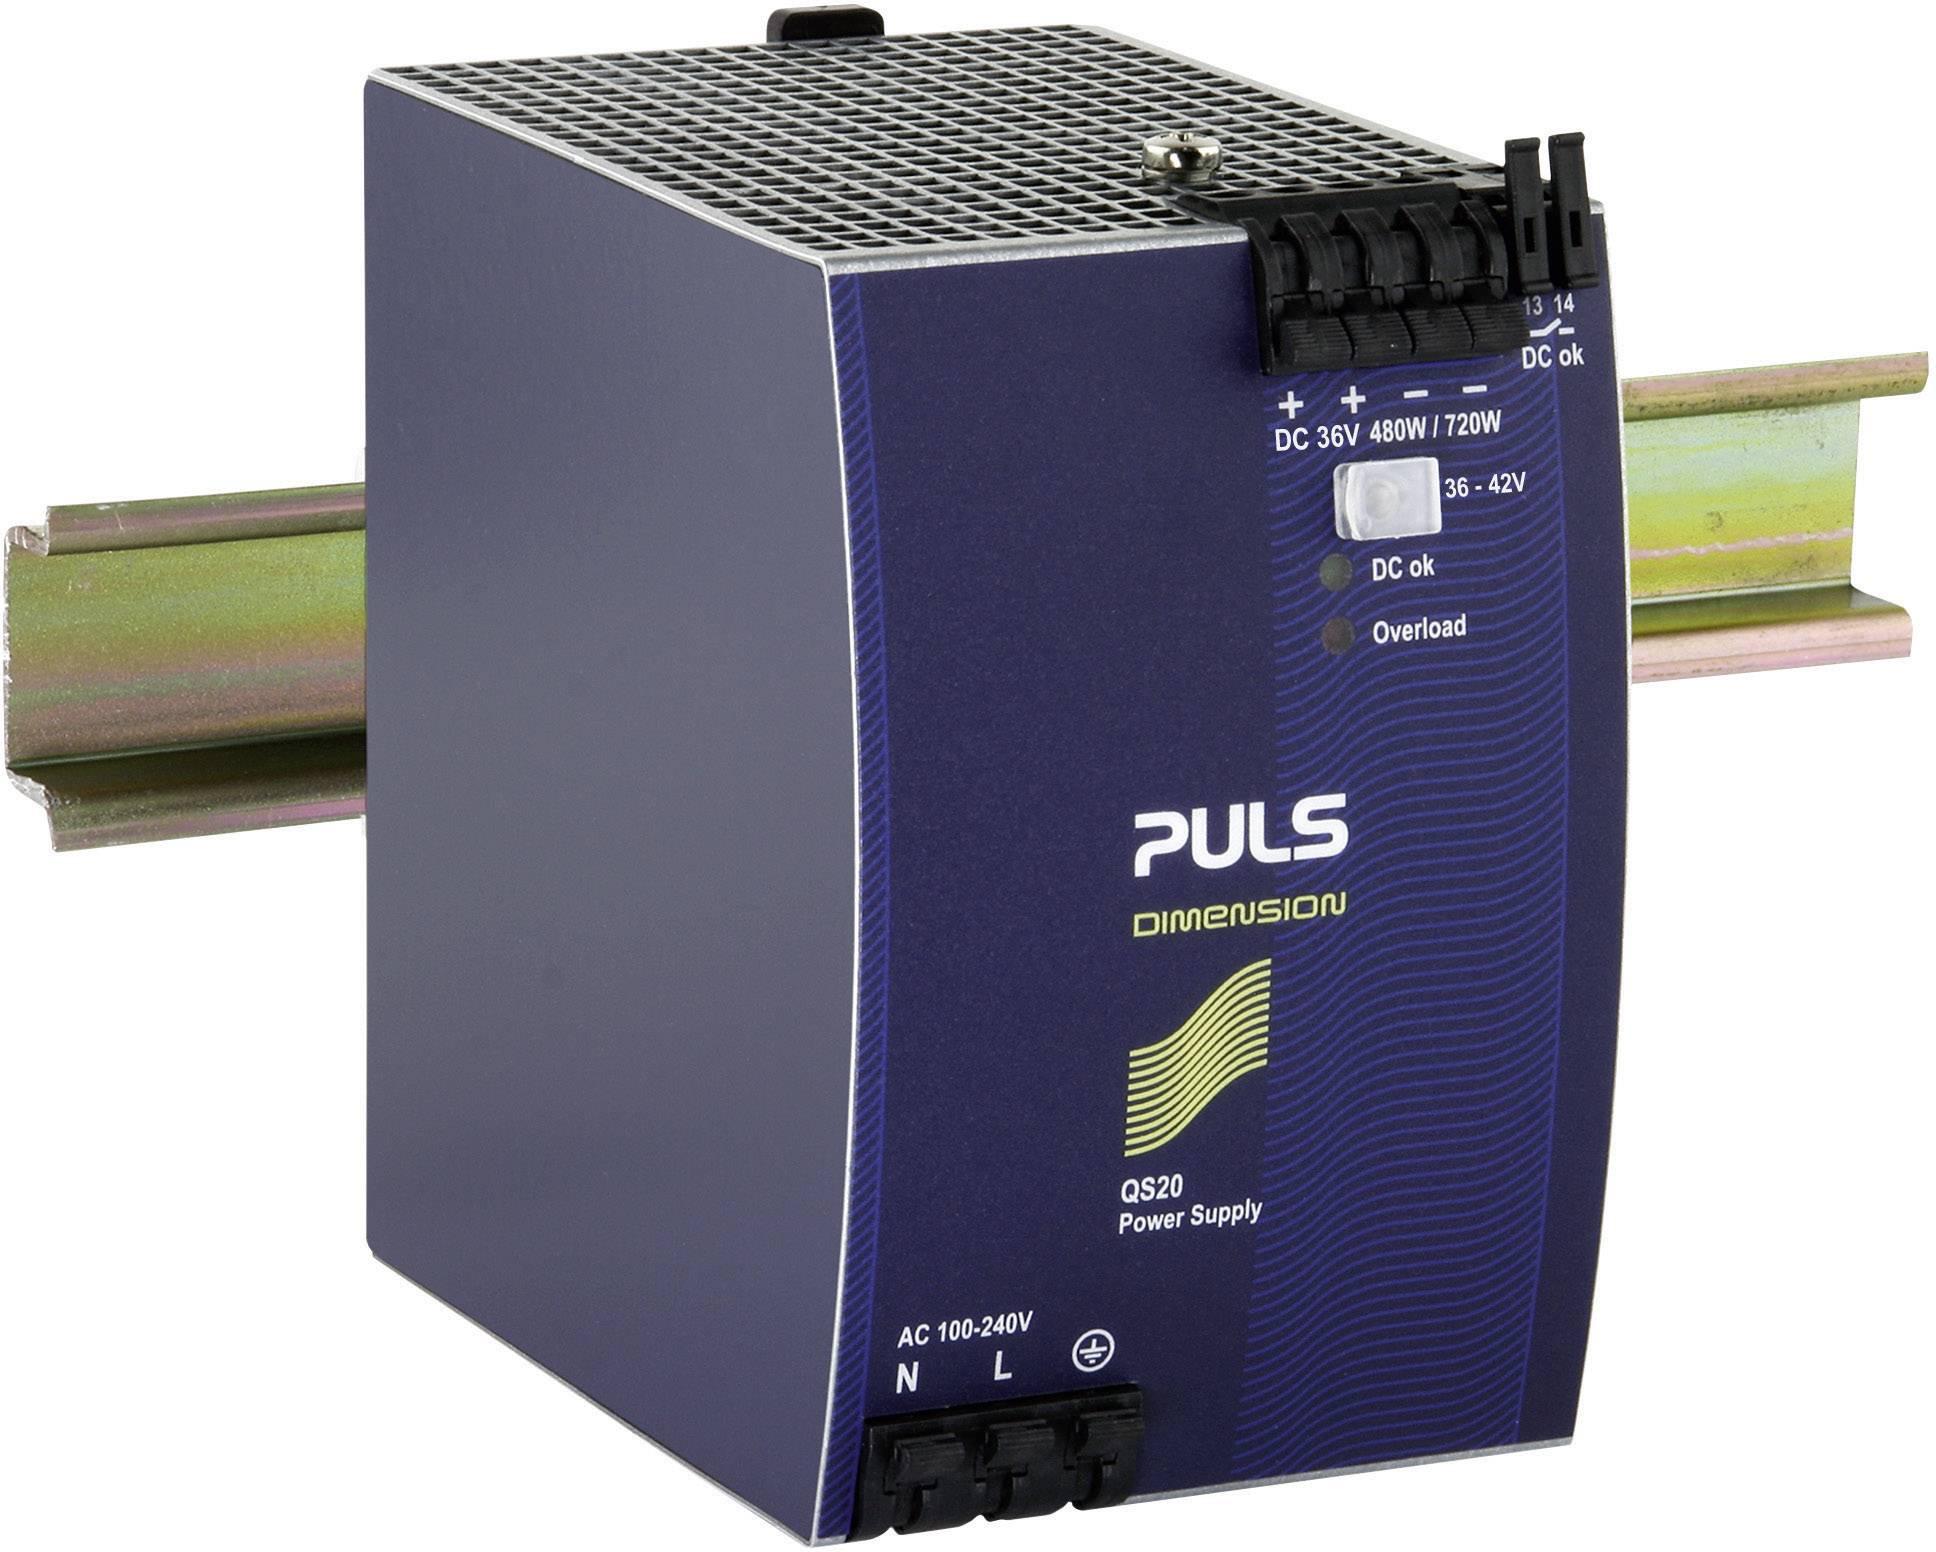 Sieťový zdroj na montážnu lištu (DIN lištu) PULS DIMENSION QS20.361, 1 x, 36 V/DC, 13 A, 480 W